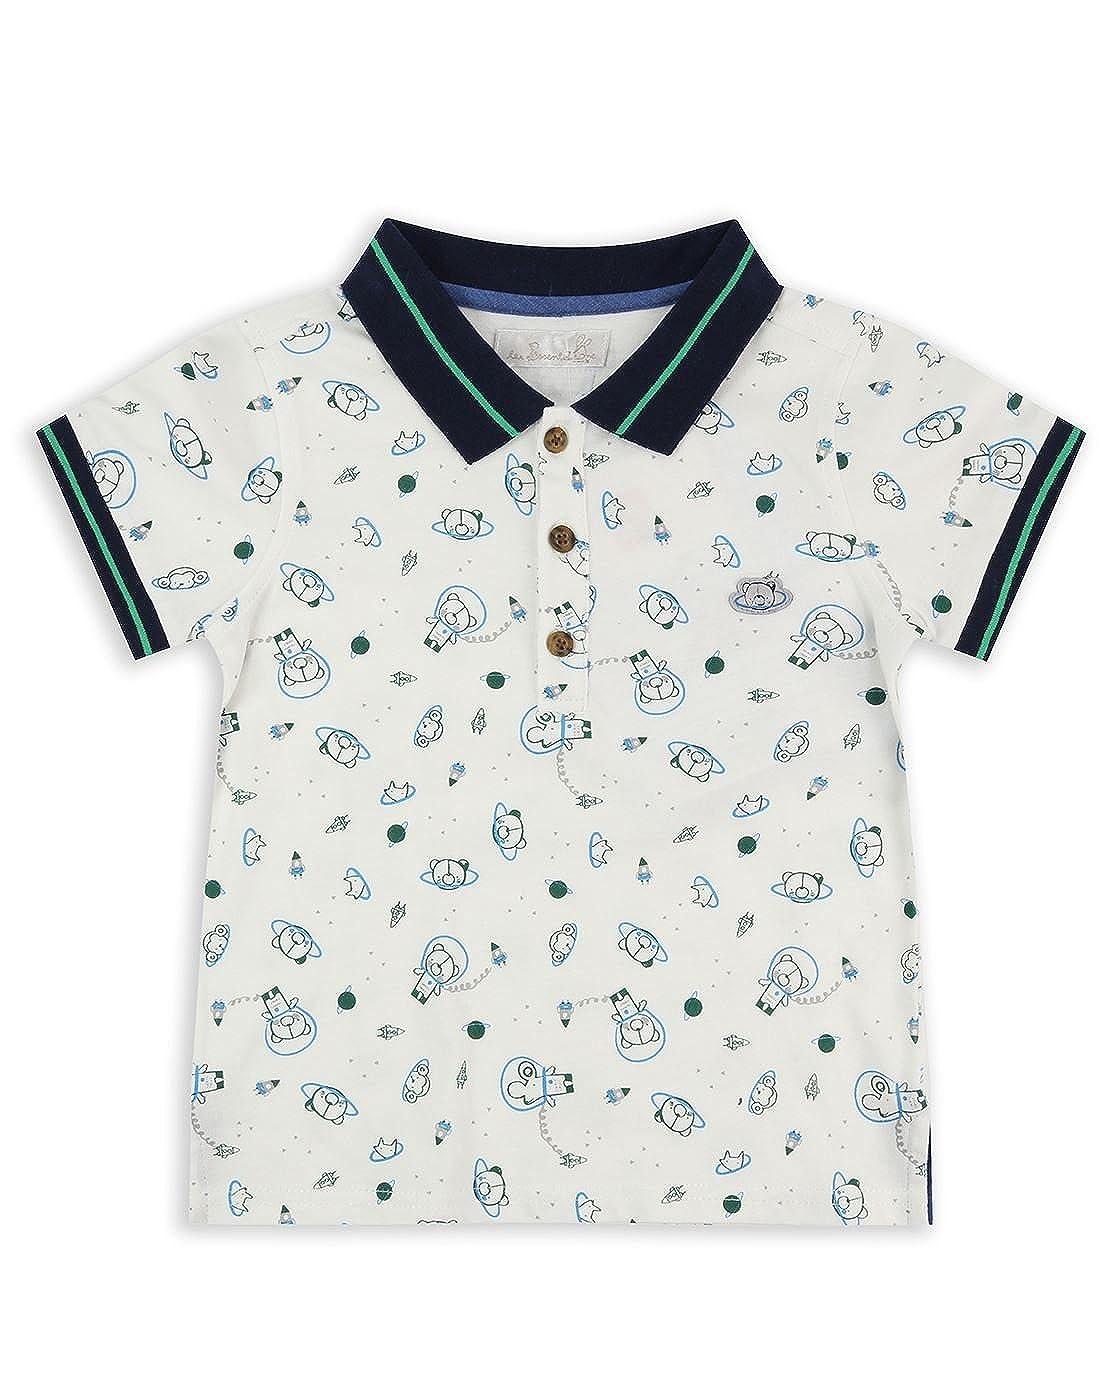 The Essential One - Bebé Infantil Niños T-Shirt/Camiseta Polo ...